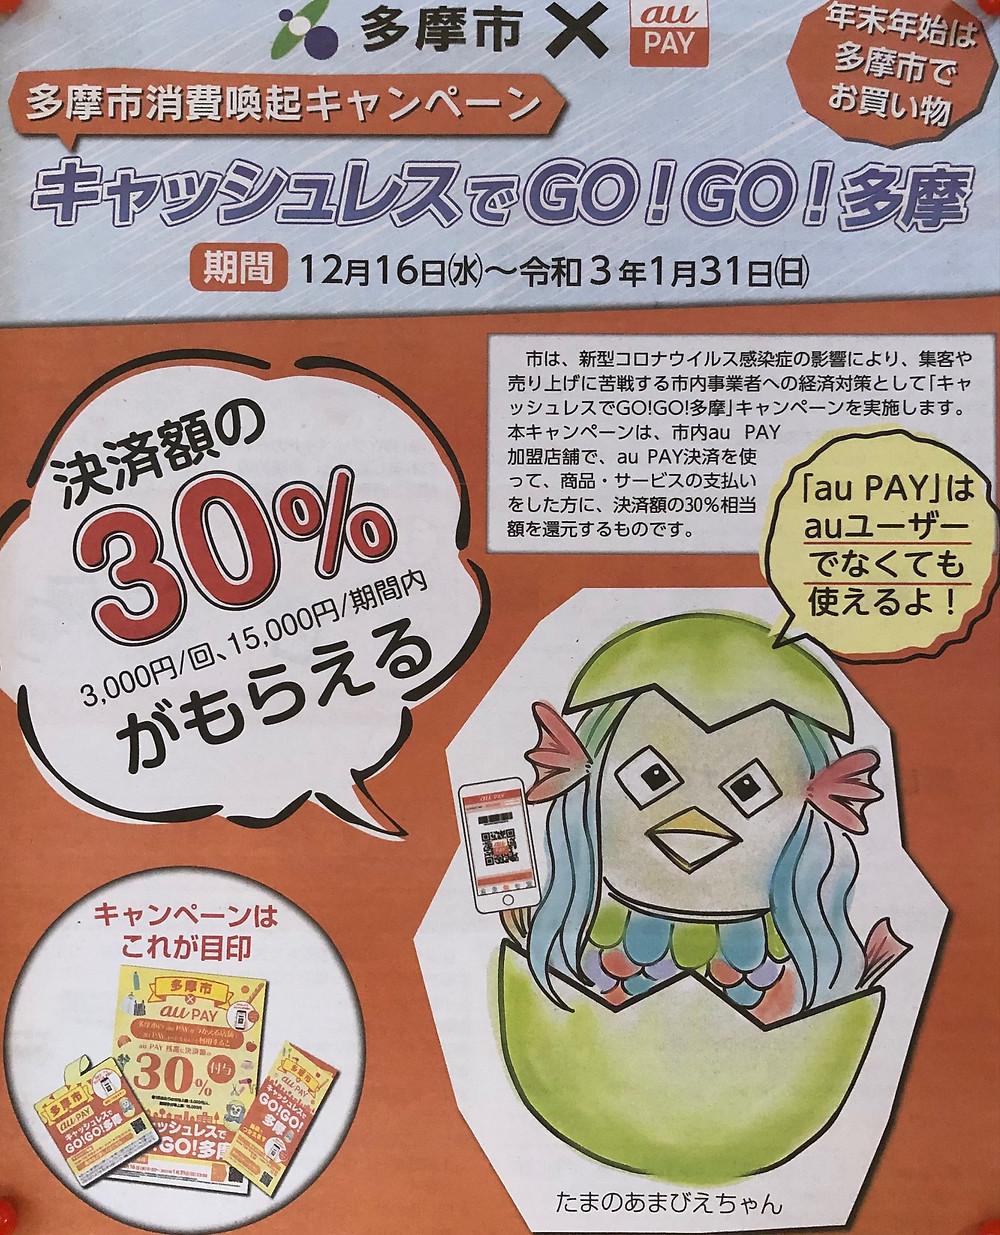 キャッシュレスでGO!GO!多摩キャンペーン広告